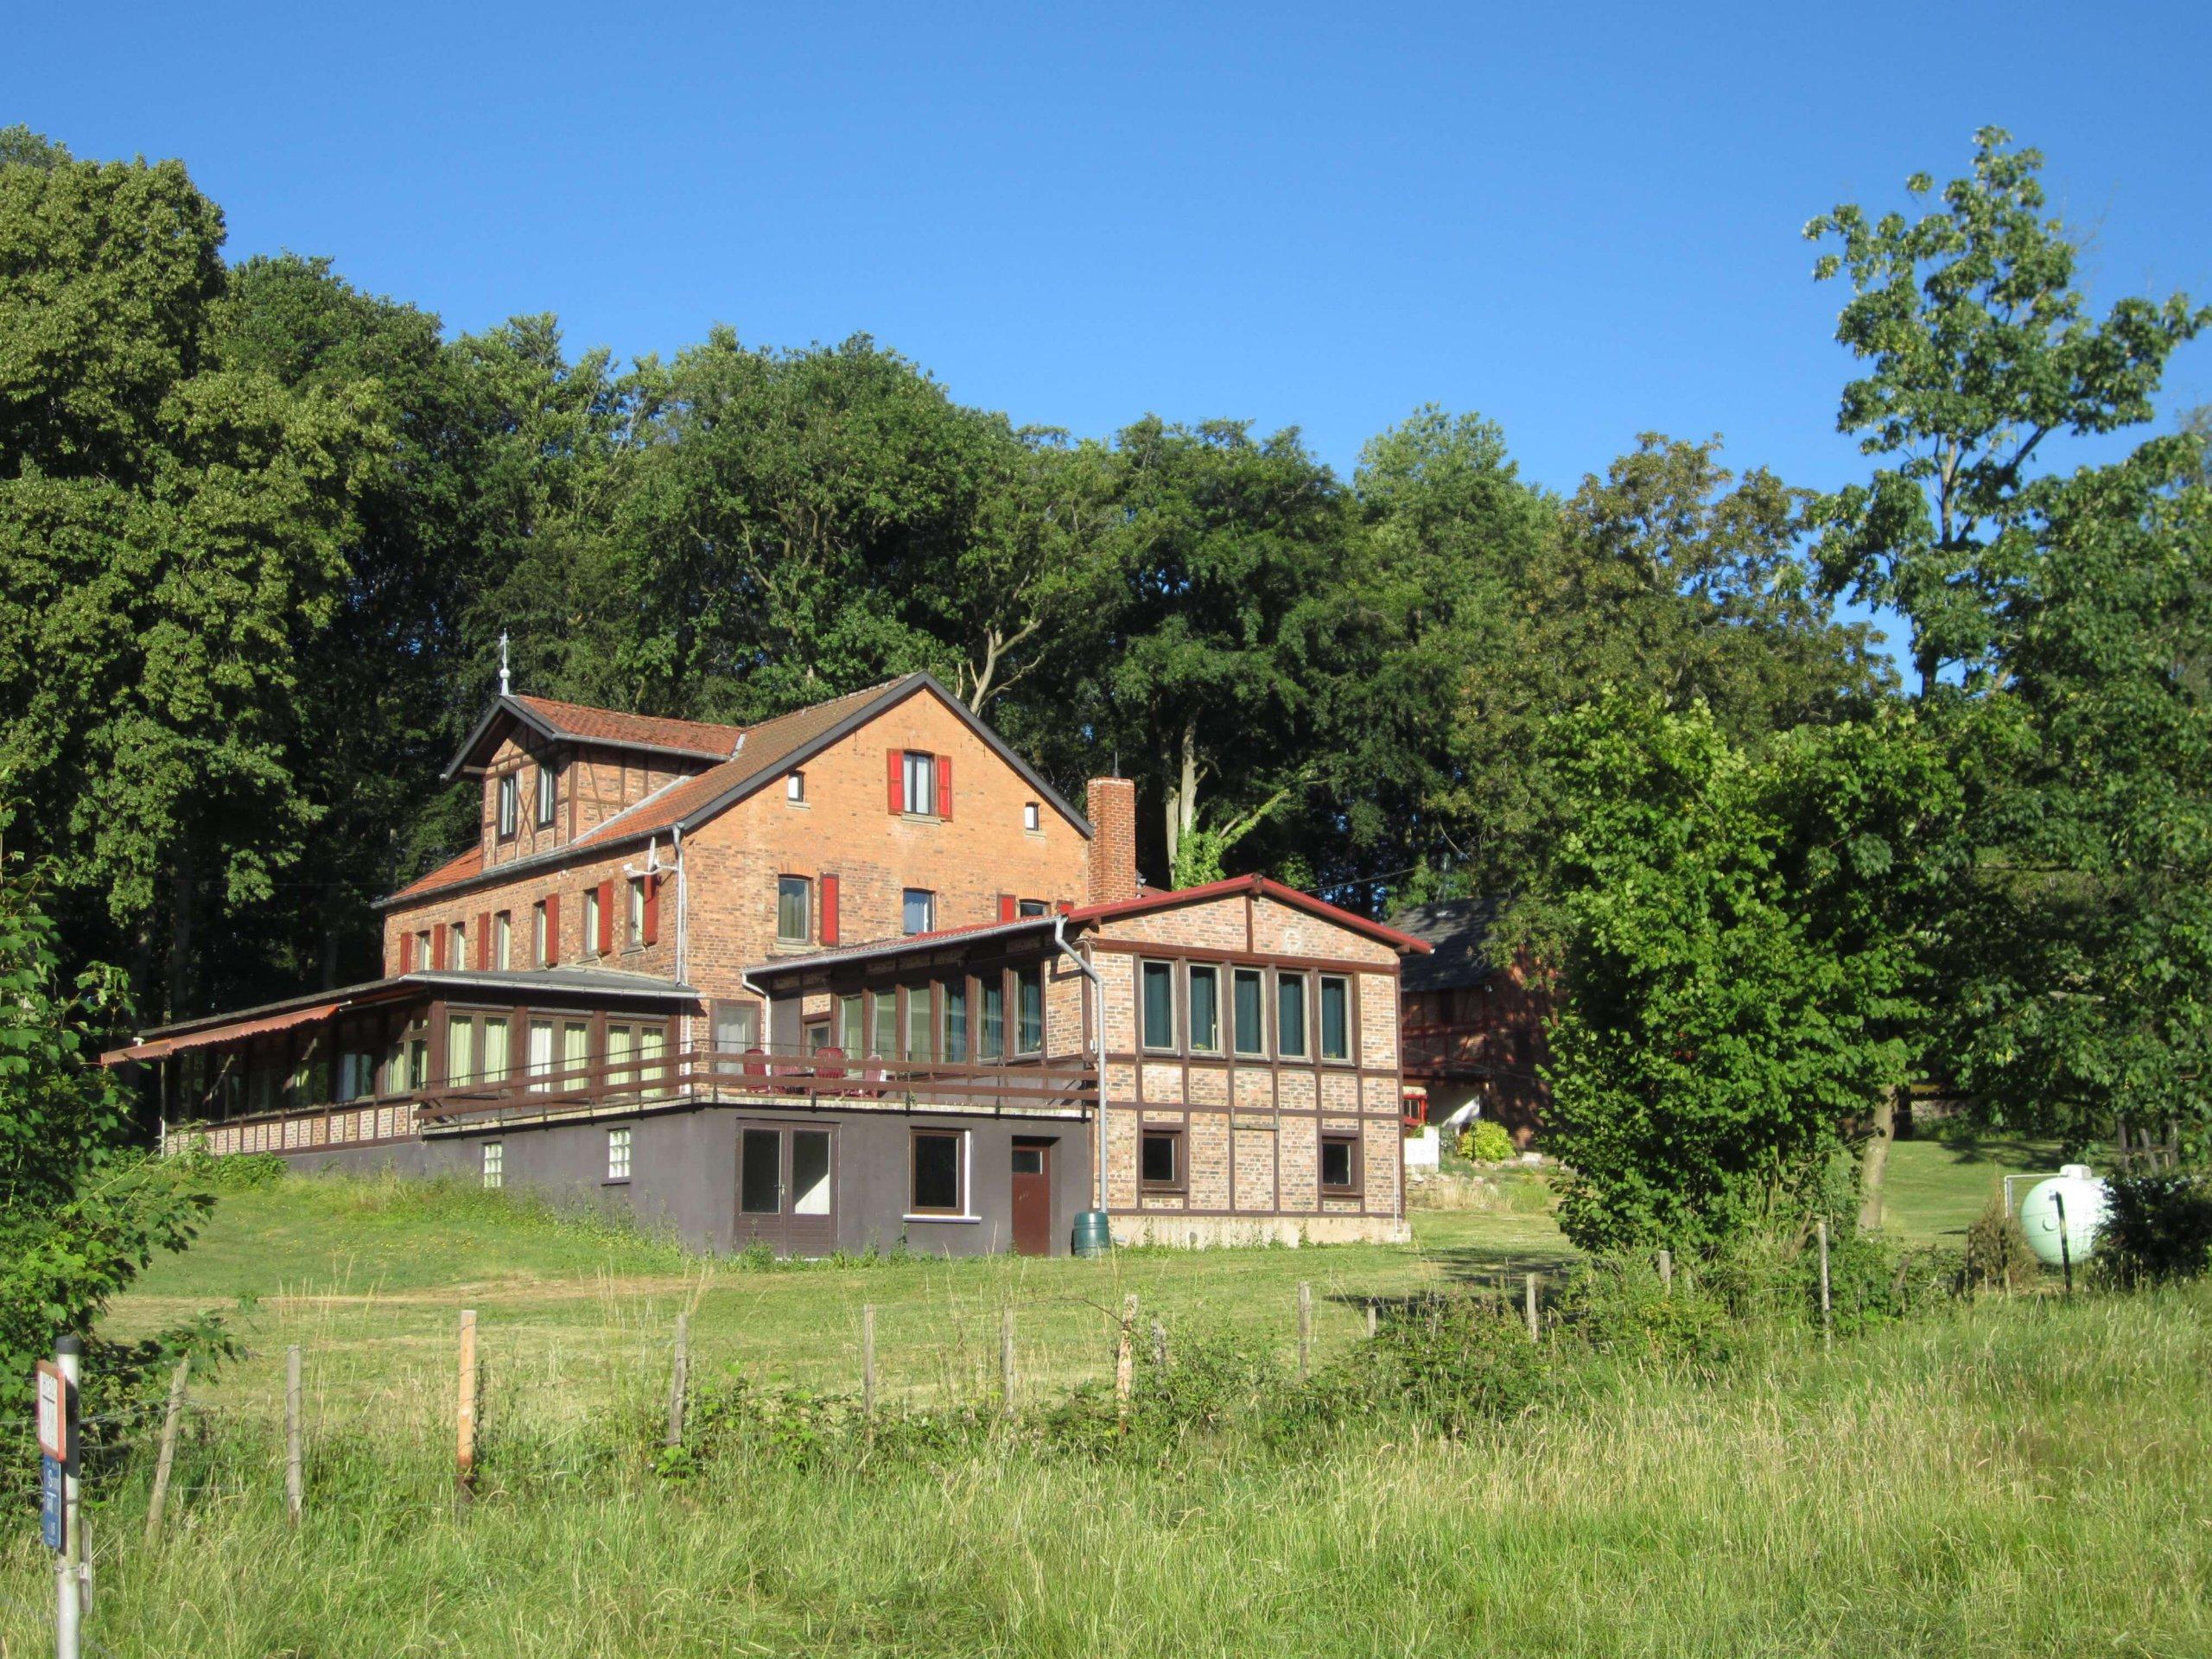 Haus Waldfriede verbesserungen